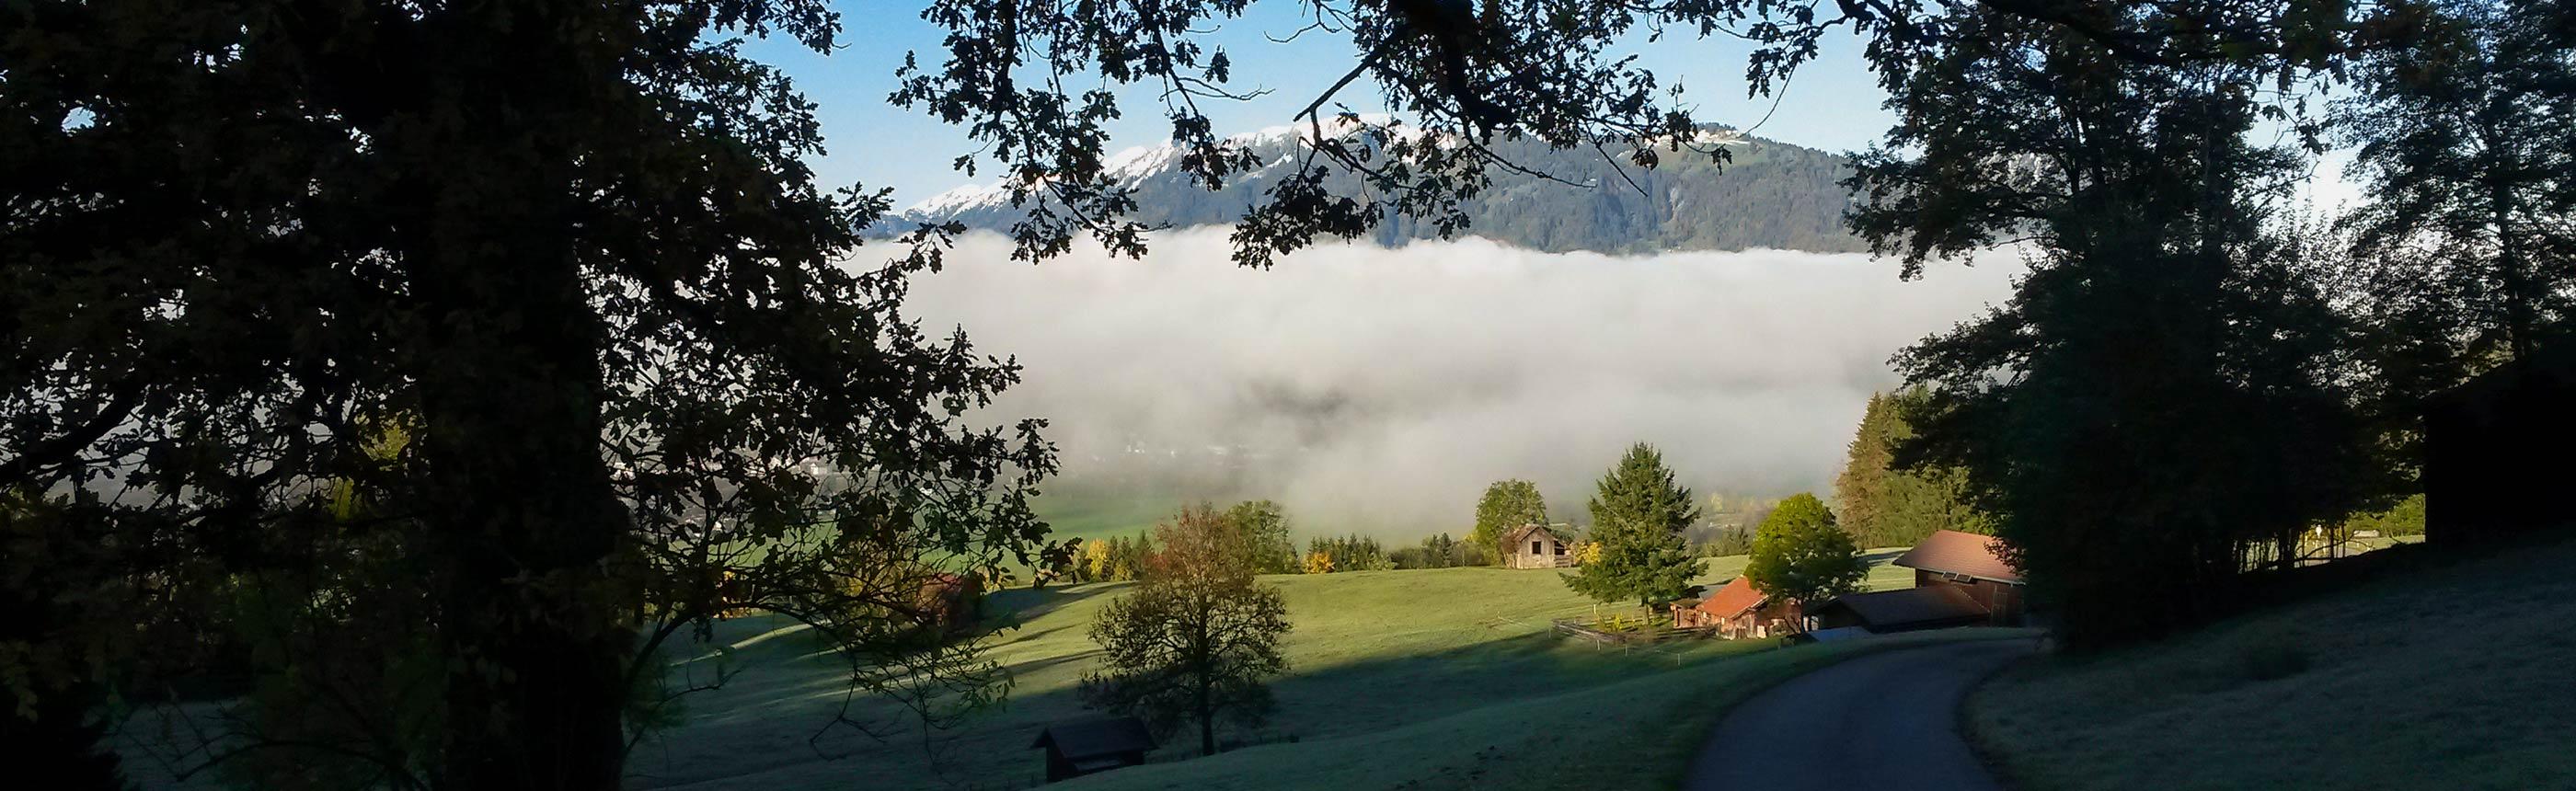 Nebel, Berge und Wald im Allgäu